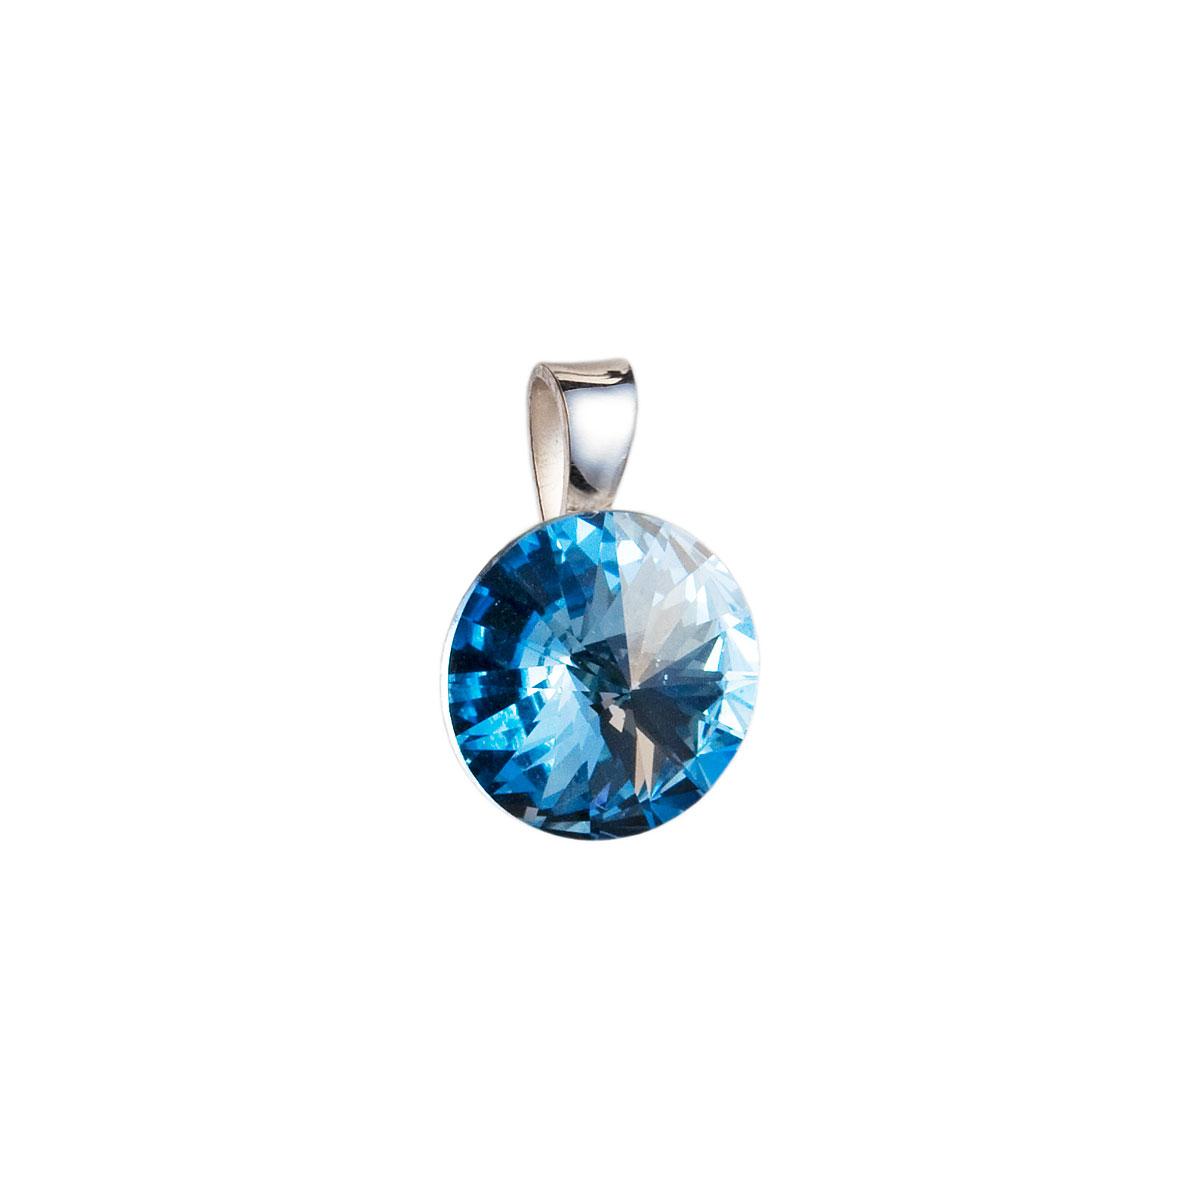 Strieborný prívesok s krištáľmi Swarovski modrý okrúhly-rivoli 34112.3